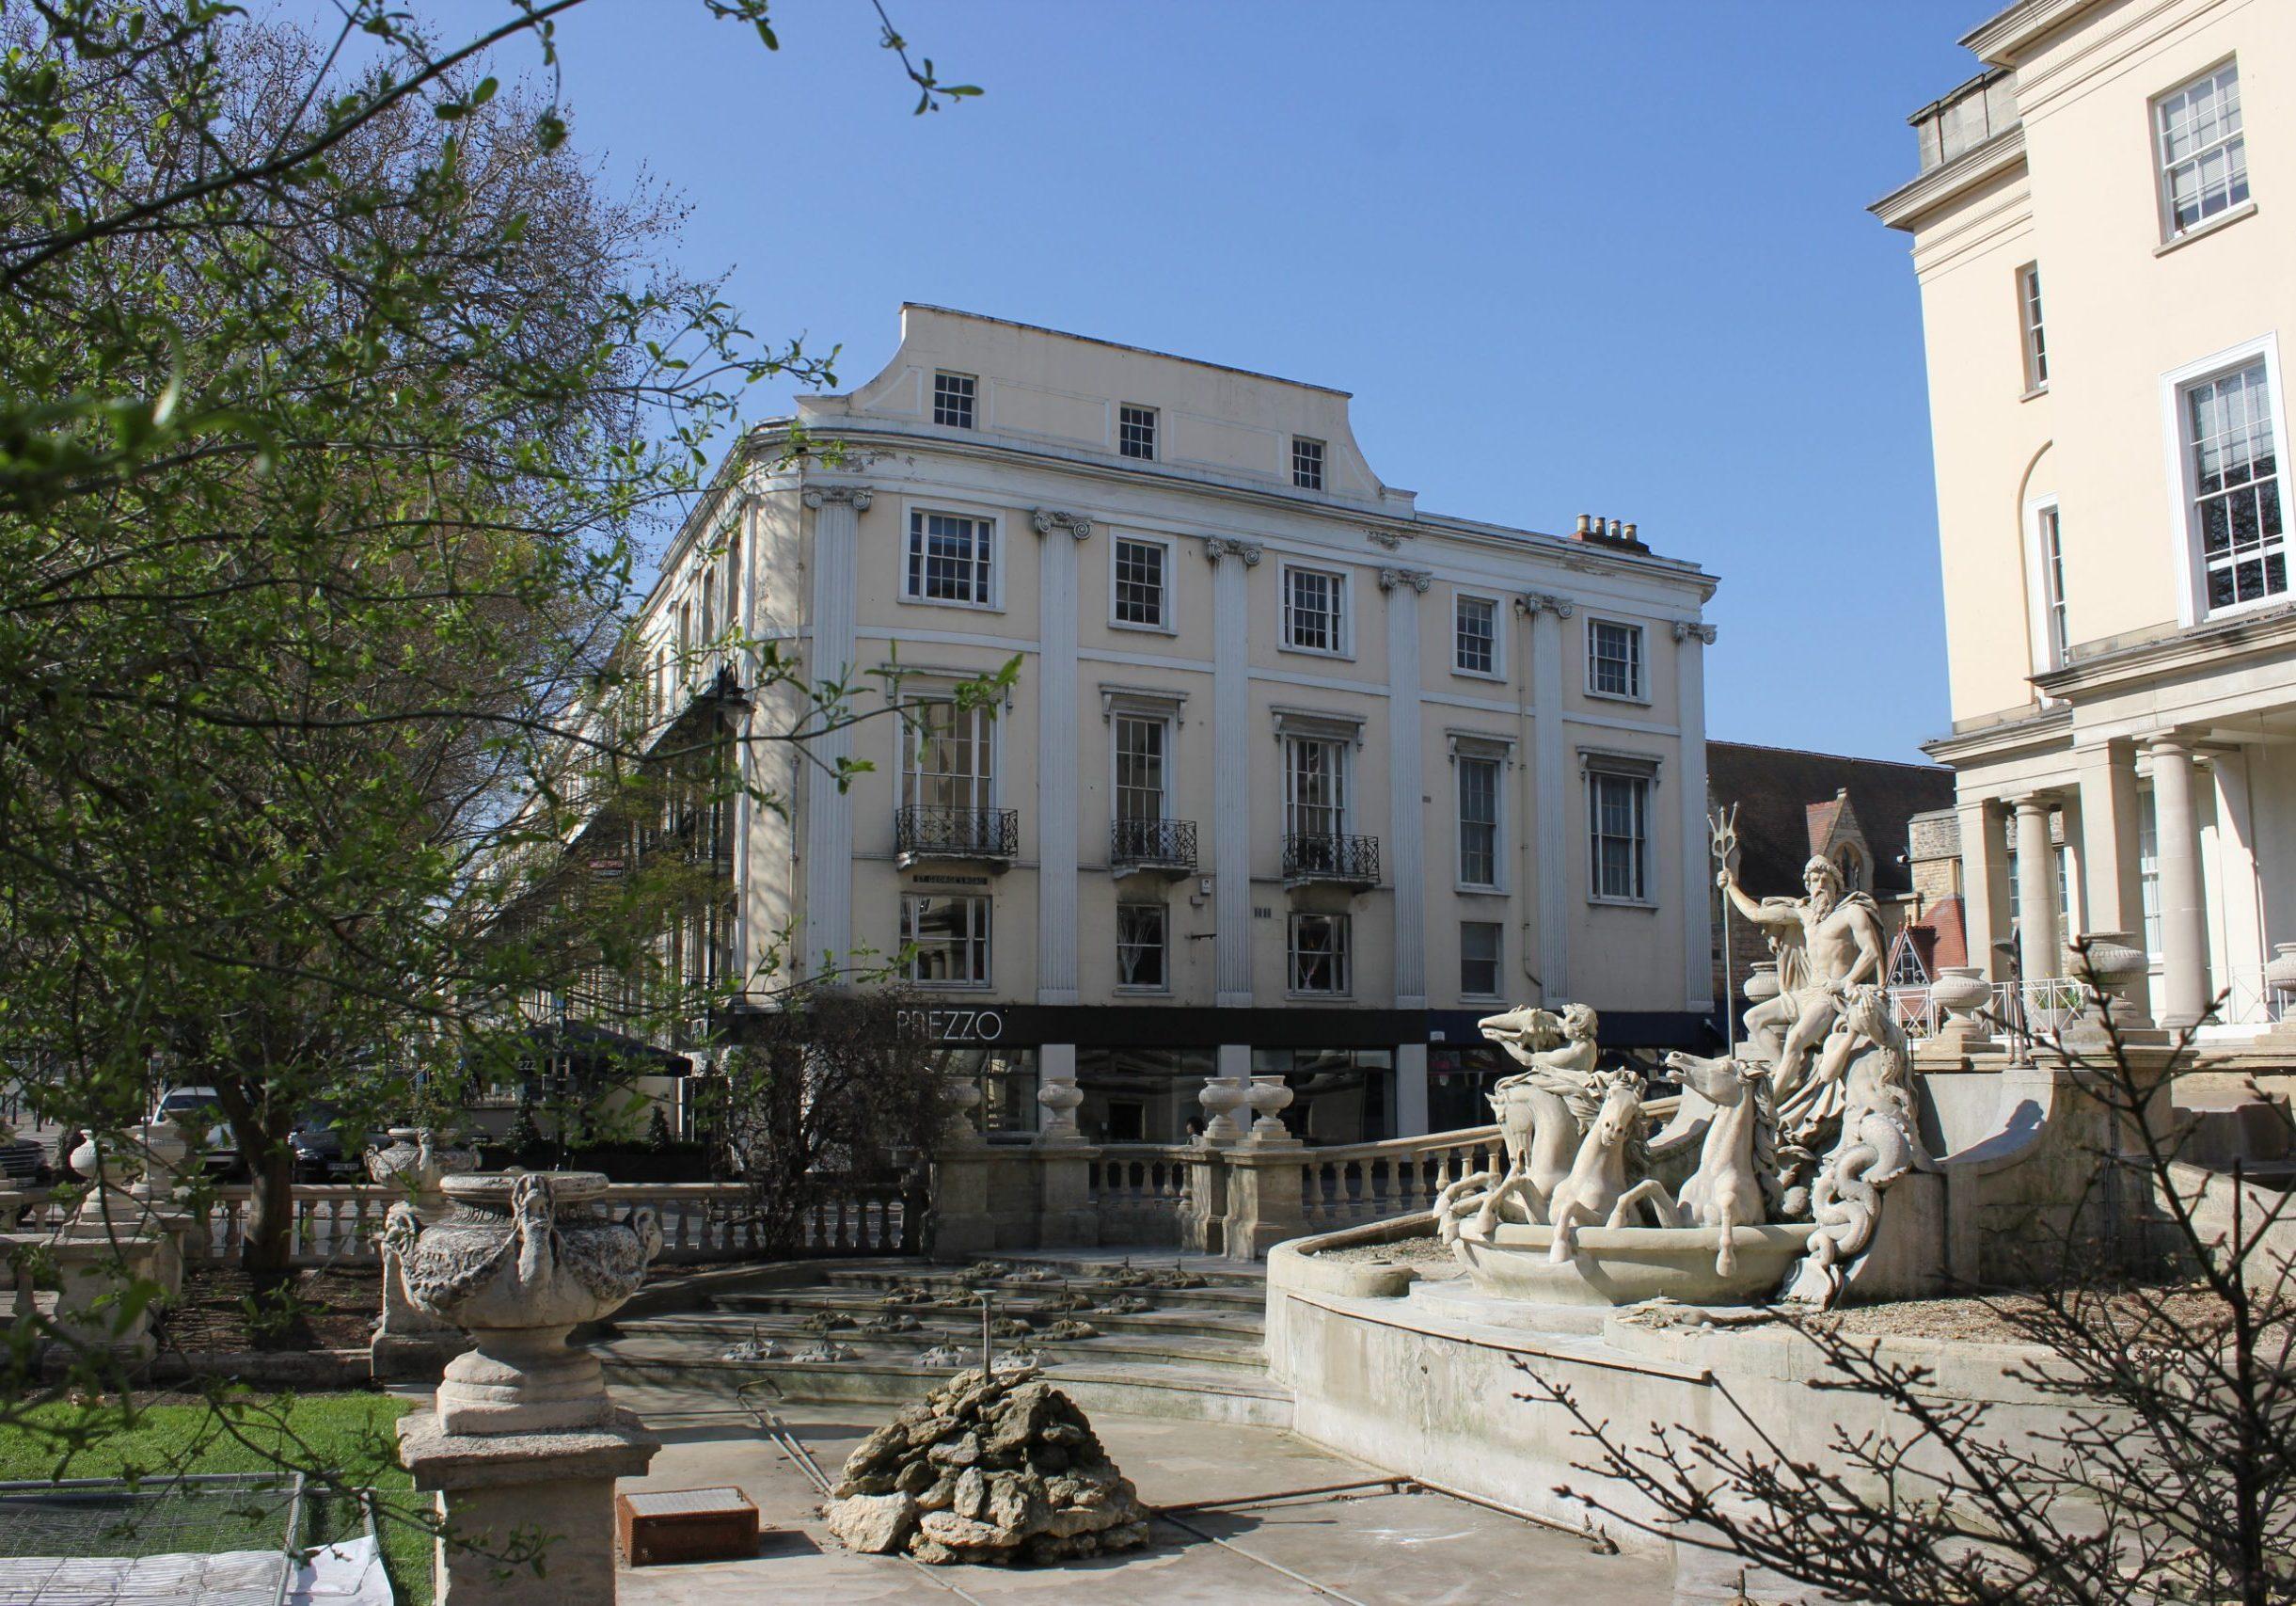 Office to resi, Cheltenham promenade